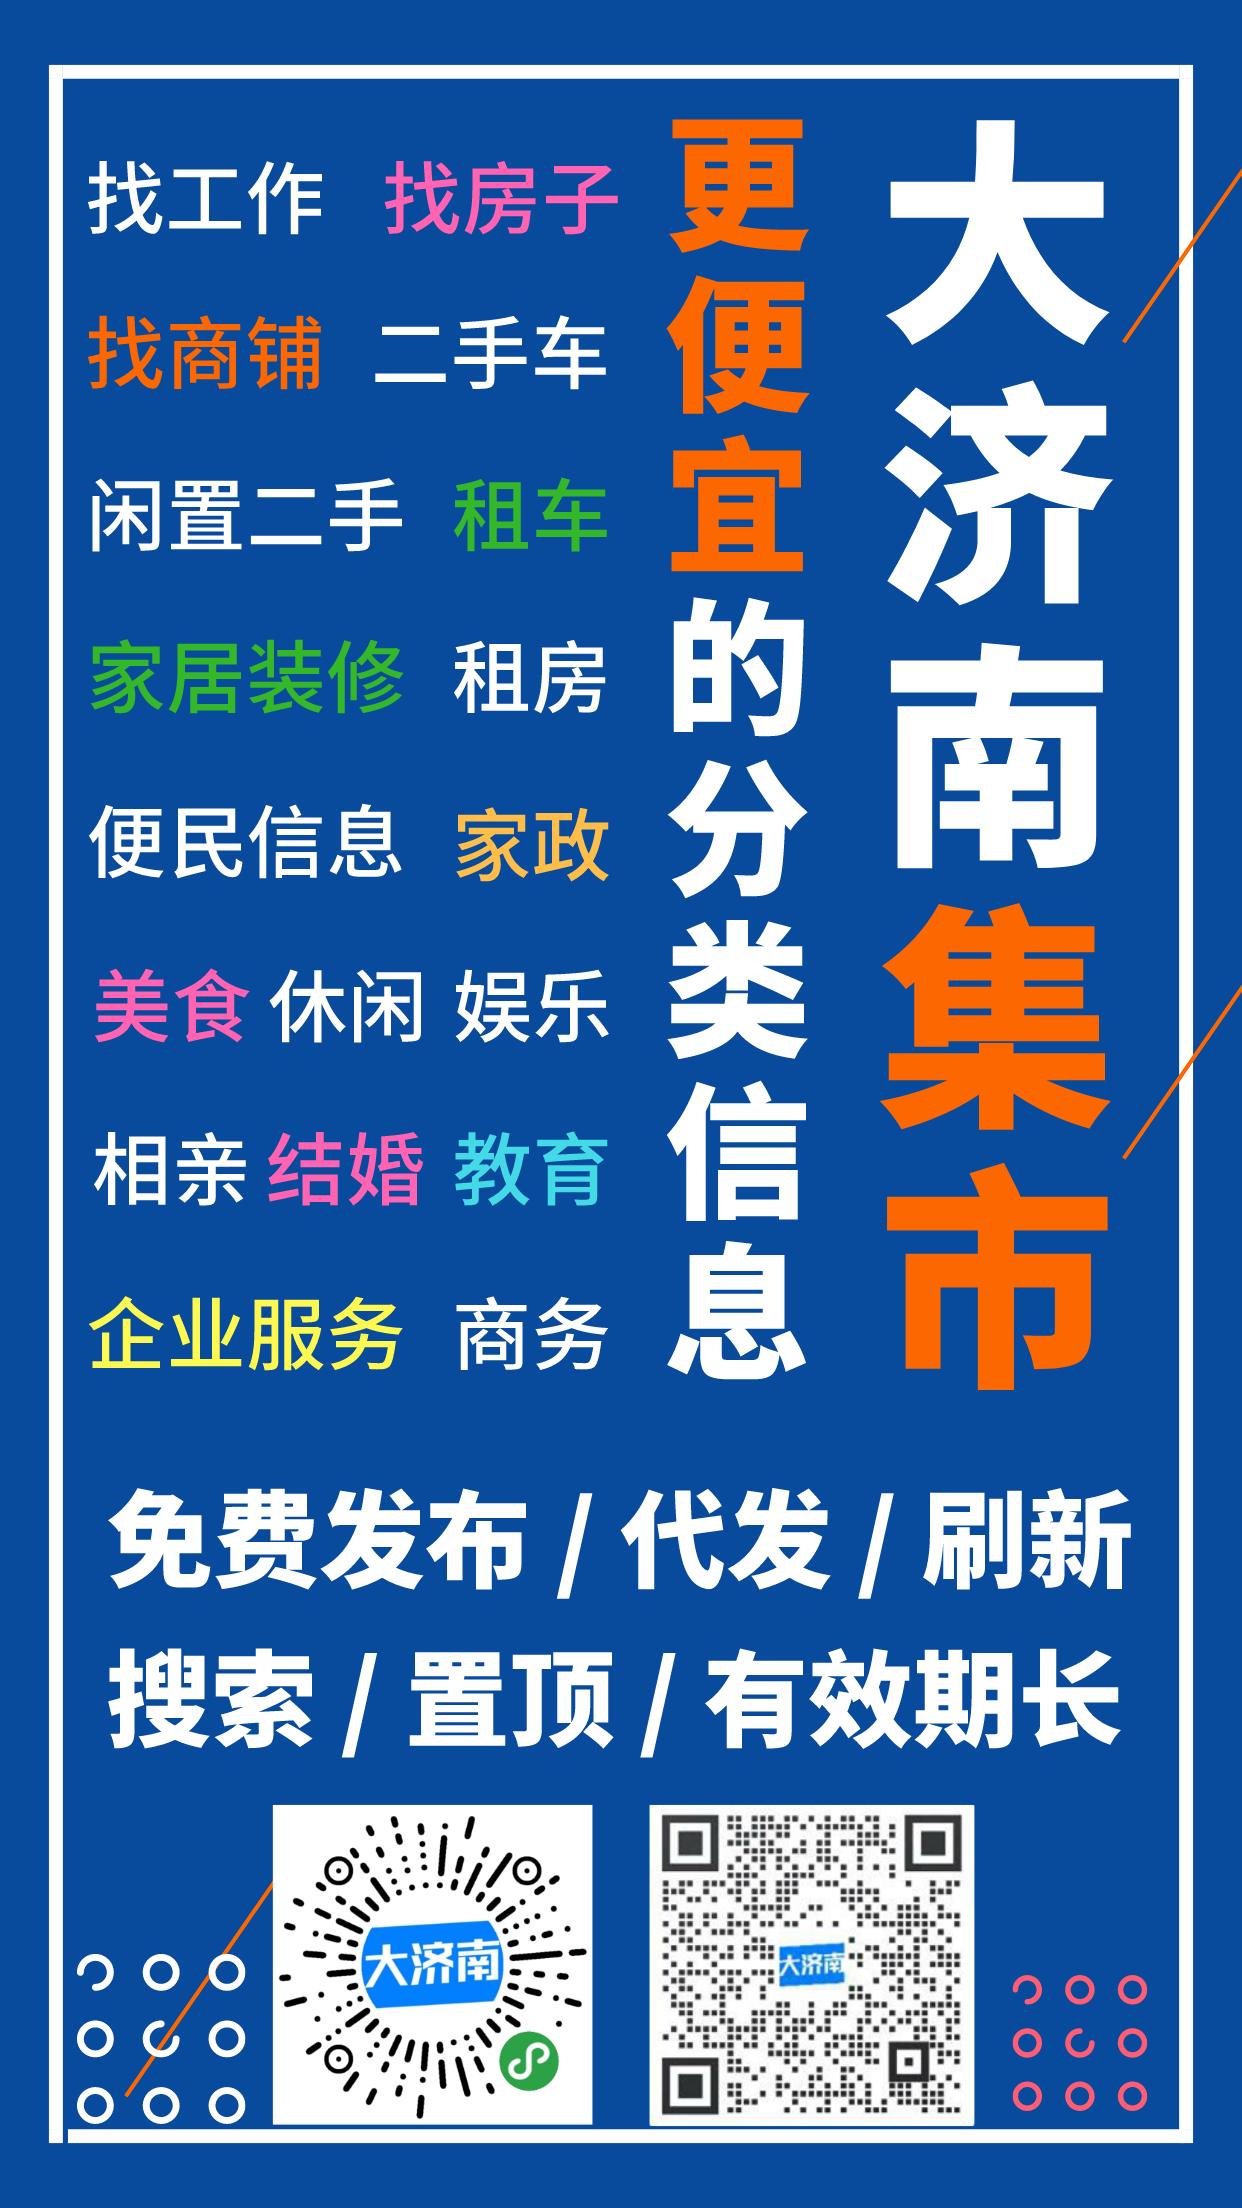 【大济南集市·我们有话说】2021年1月1日,元旦,说说大家的新年愿望吧!